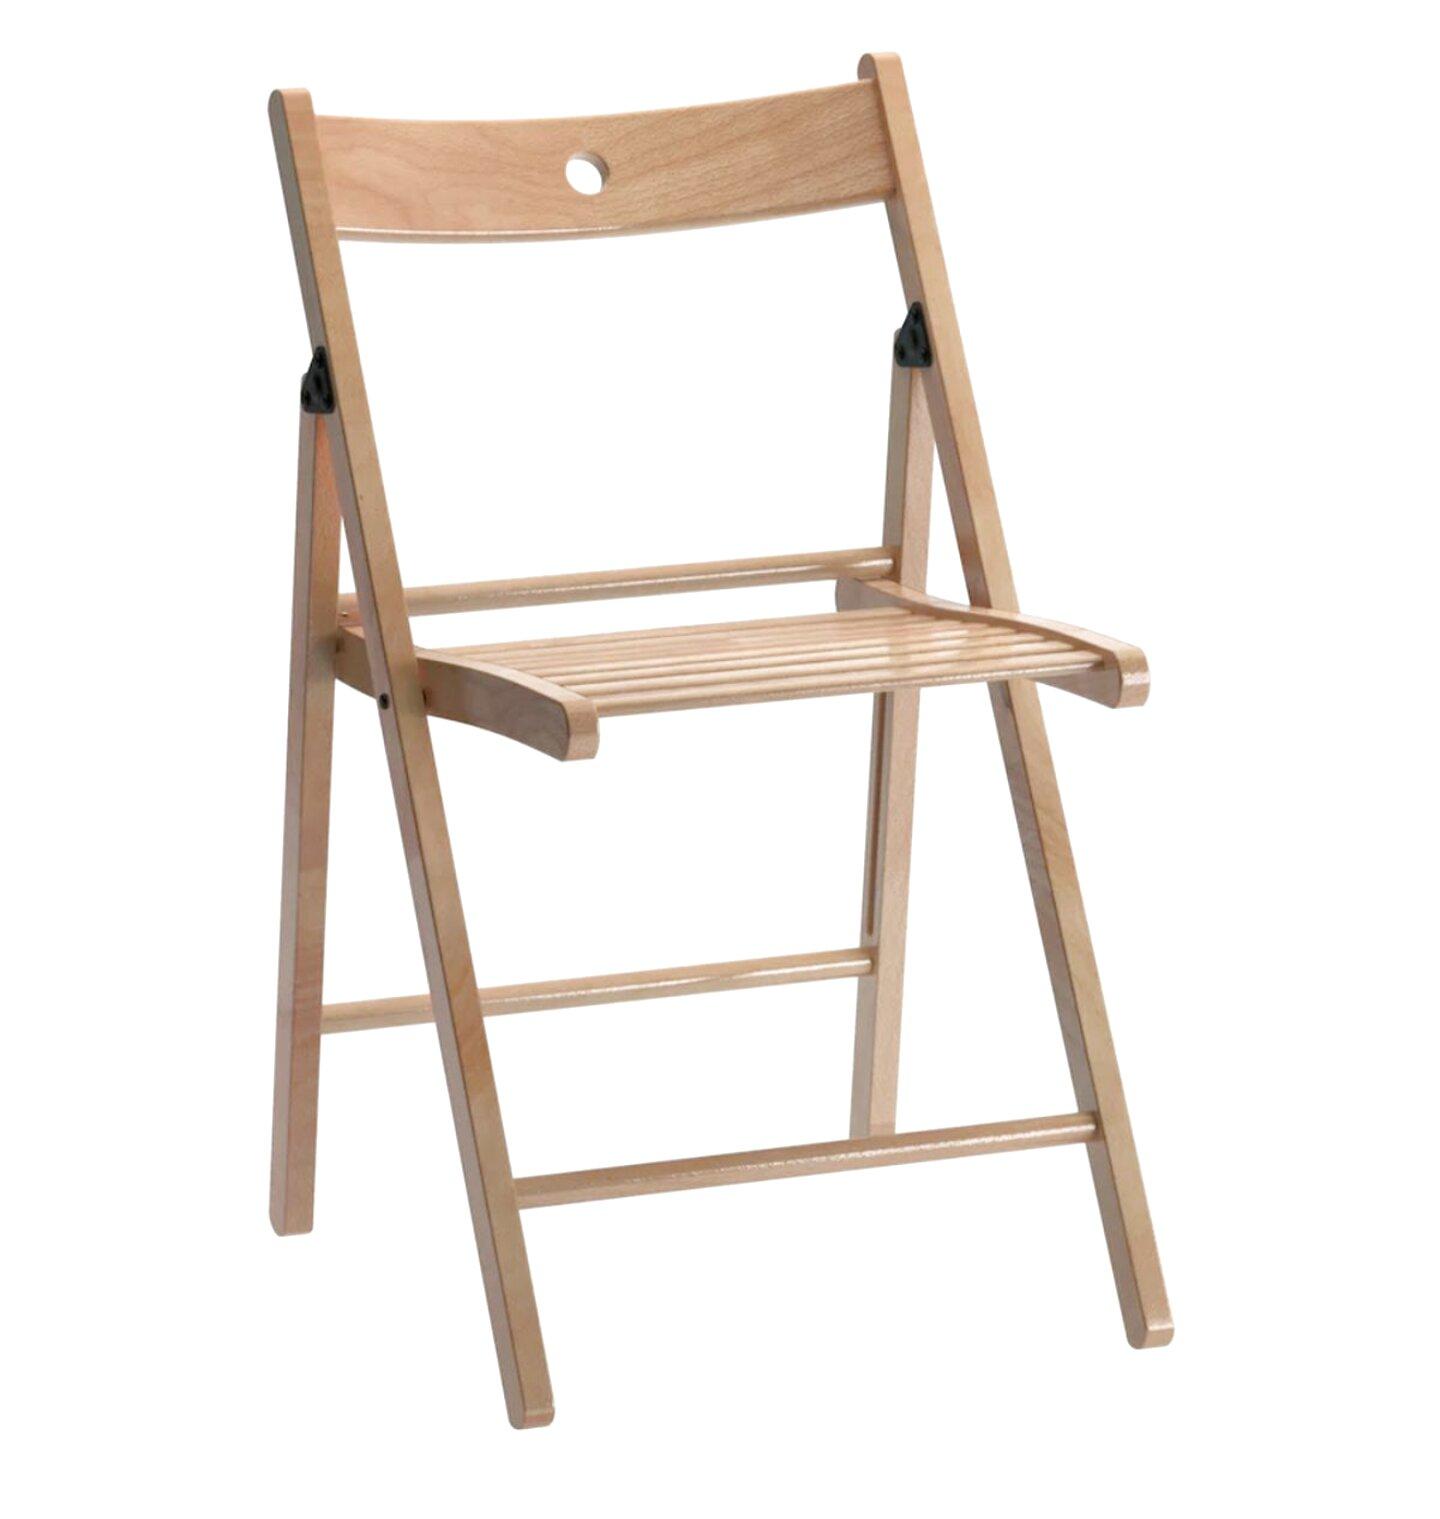 Full Size of Liegestuhl Klappbar Holz Ikea Klappstuhl Gebraucht Kaufen Nur 3 St Bis 65 Gnstiger Miniküche Sofa Mit Schlaffunktion Küche Kosten Ausklappbares Bett Wohnzimmer Liegestuhl Klappbar Ikea